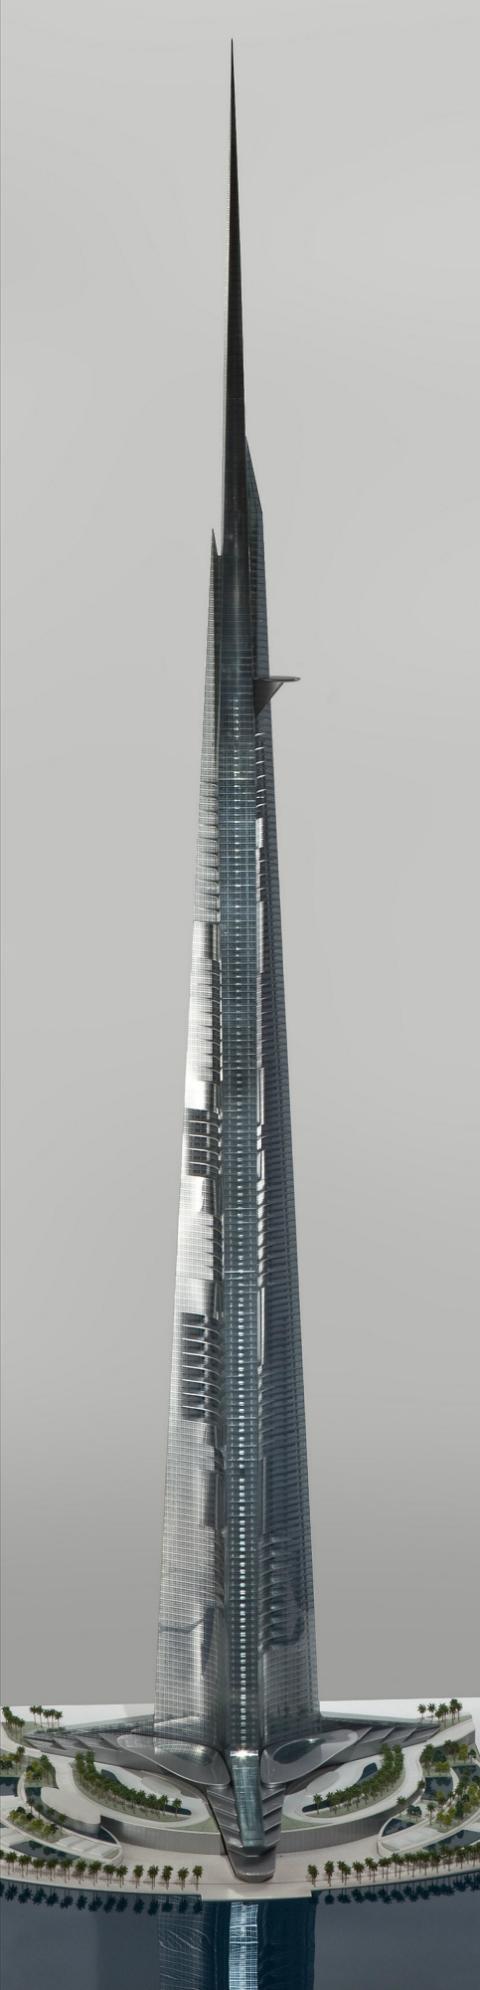 Высота башни обязывает иметь одну из самых сложных систем лифтов в мире. Всего подъёмников в здании будет 59, в том числе пять двухэтажных. Ожидаемая скорость лифтов – 10 метров в секунду (36 км/ч). Это быстро, но существуют «элеваторы», развивающие 60,6 км/ч (иллюстрация Adrian Smith + Gordon Gill Architecture).